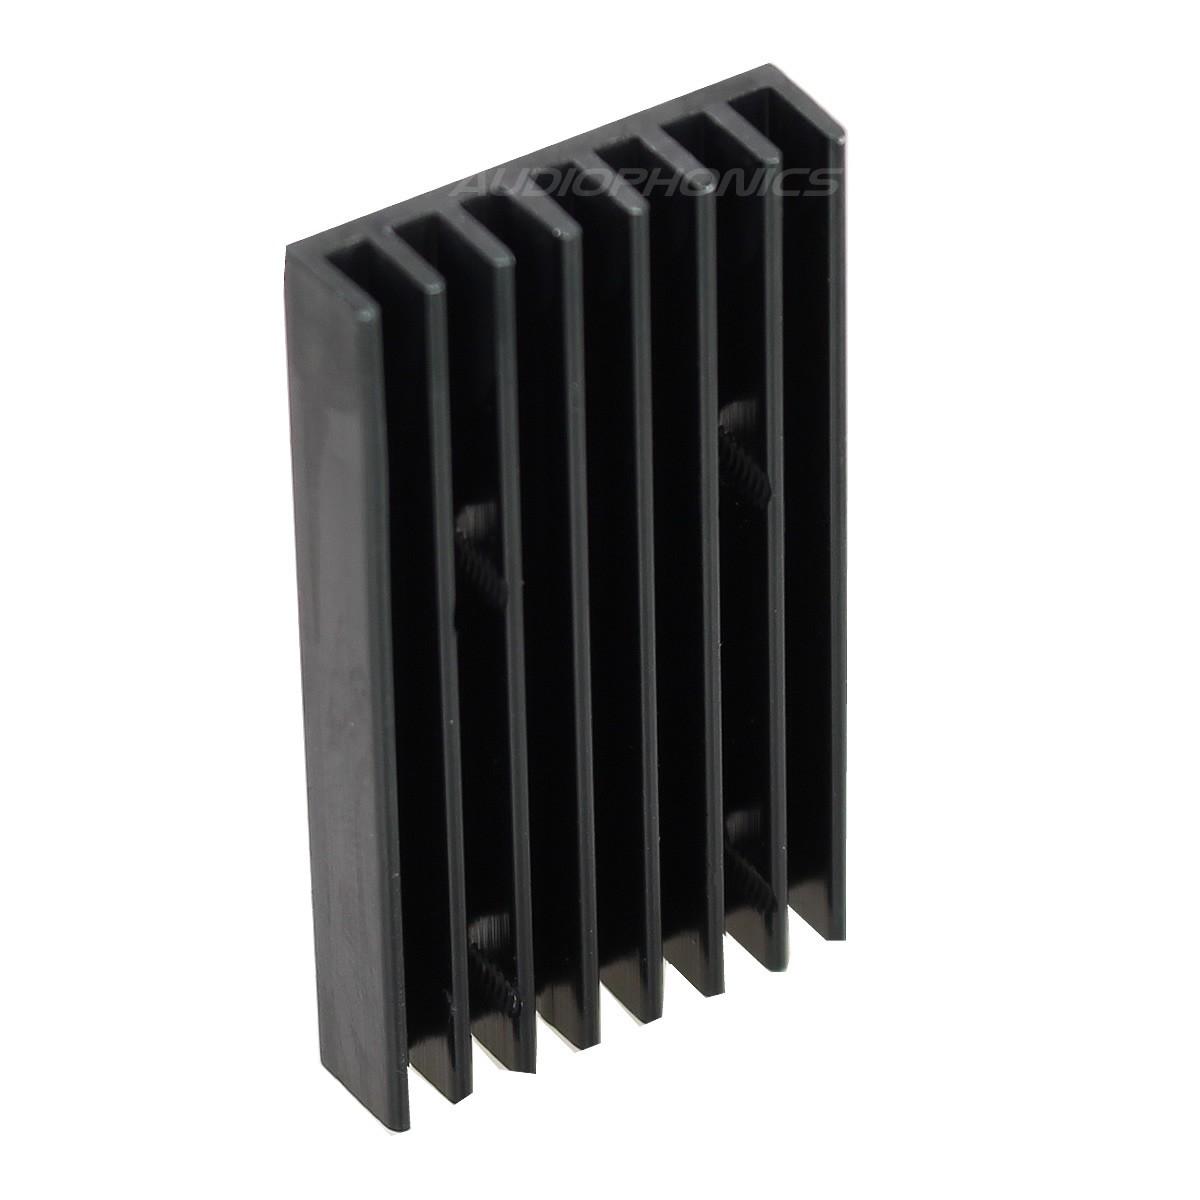 Heat Sink Radiator Black Anodized 40x22x5mm Black TO-220